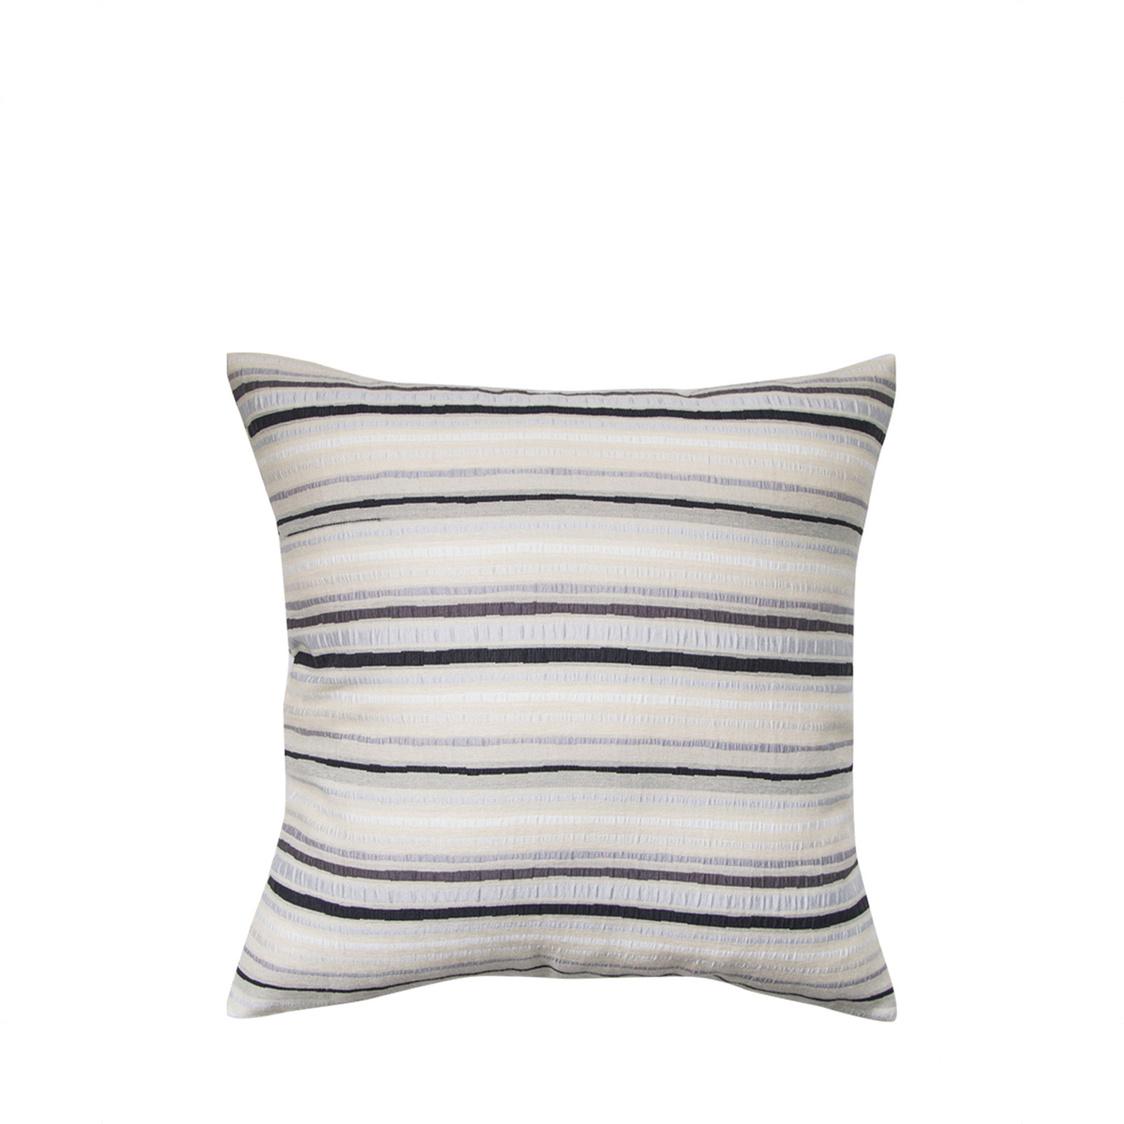 JRapee Gobby Cushion Cover Black 43x43cm